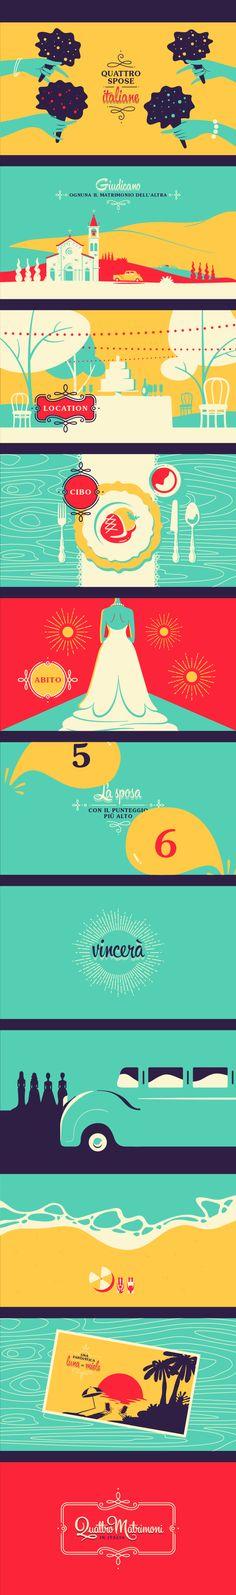 Quattro Matrimoni by Santiago Wardak, via Behance